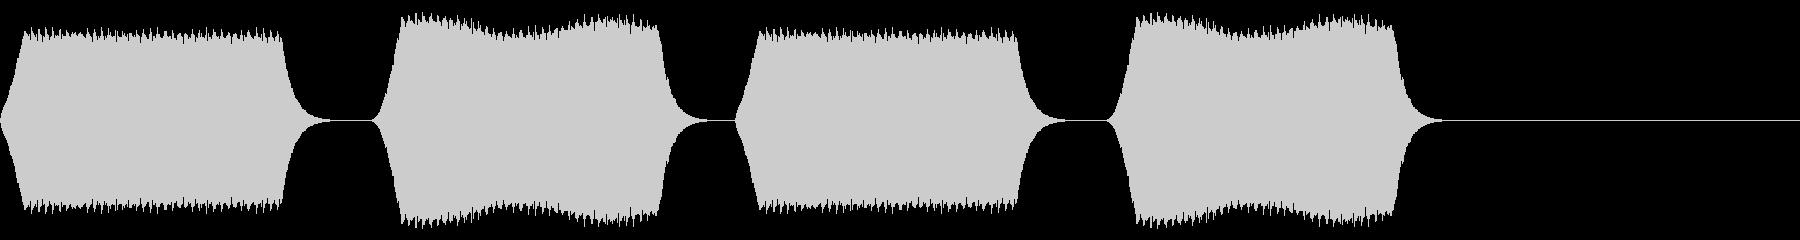 ピピピピ:デジタルテキスト音の未再生の波形